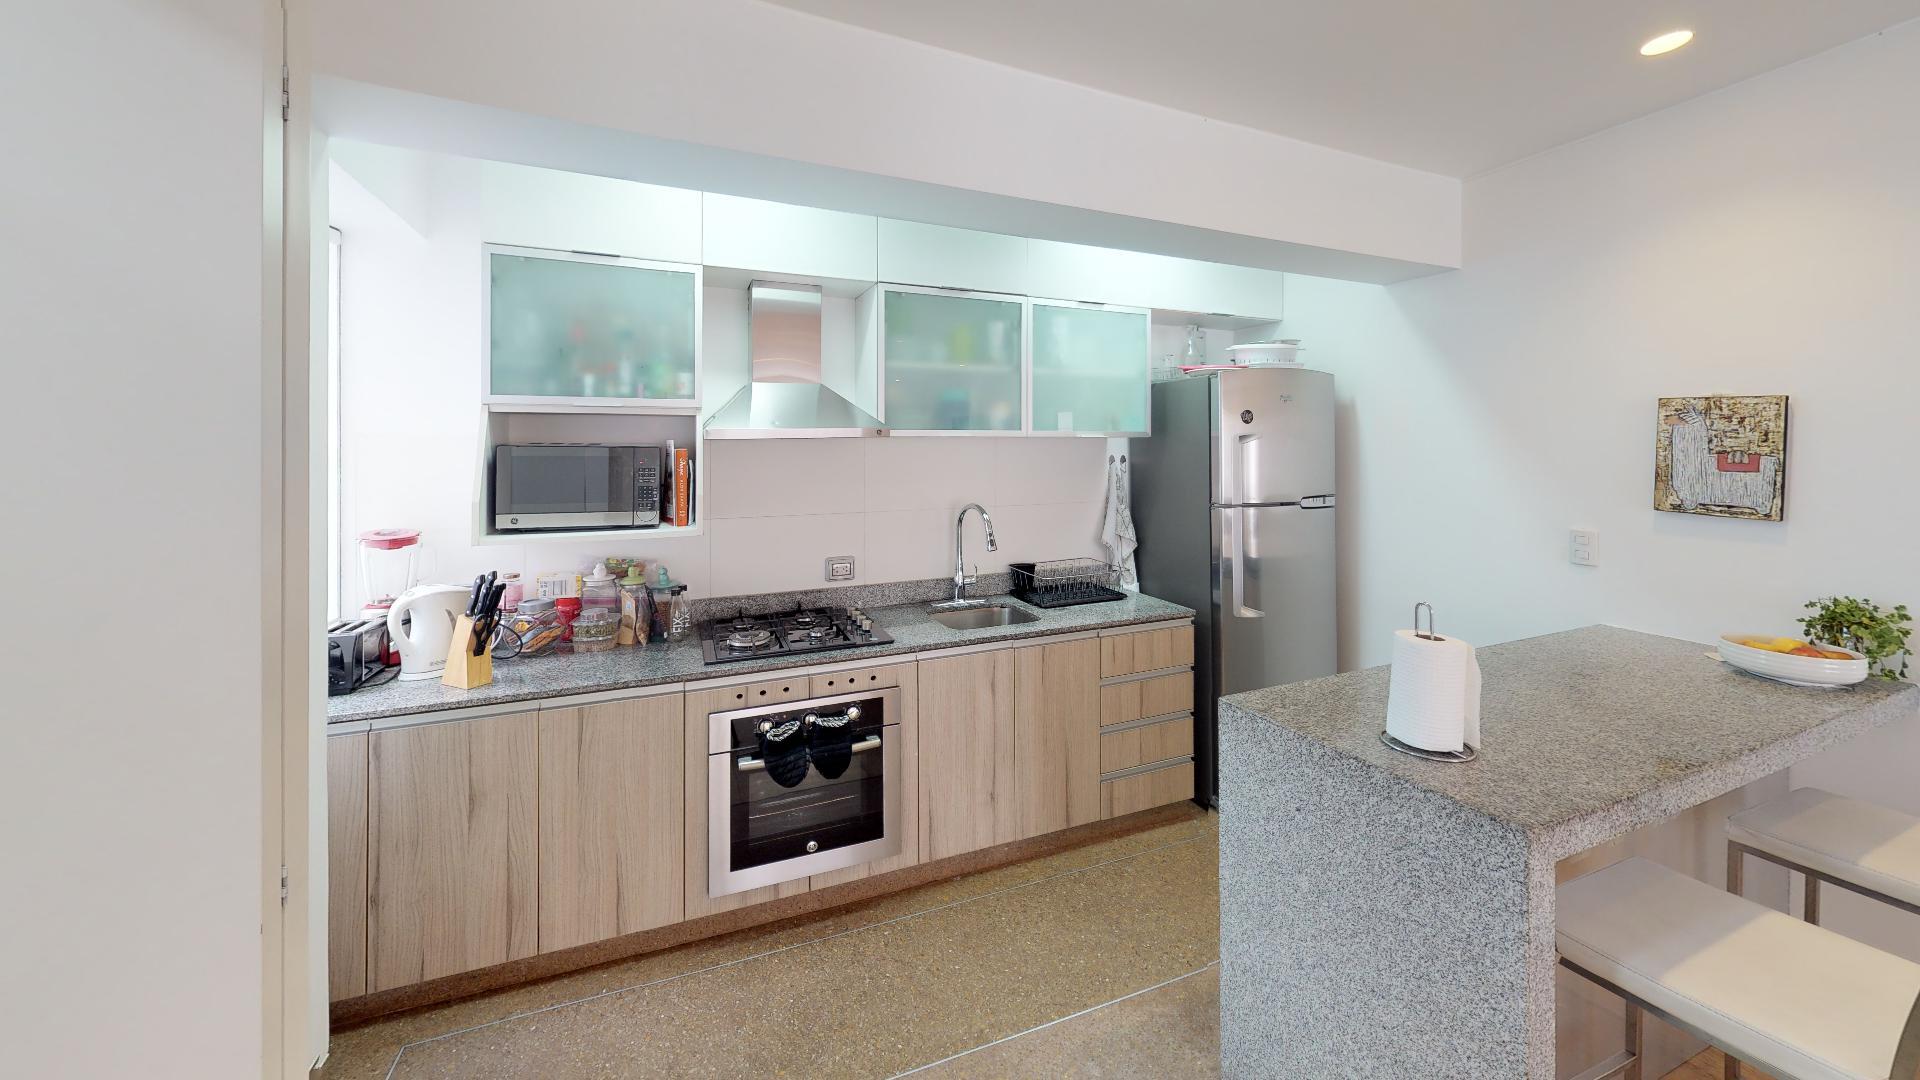 Cocina del recorrido virtual de un hermoso departamento en Sáenz Peña, Barranco, Lima, Perú